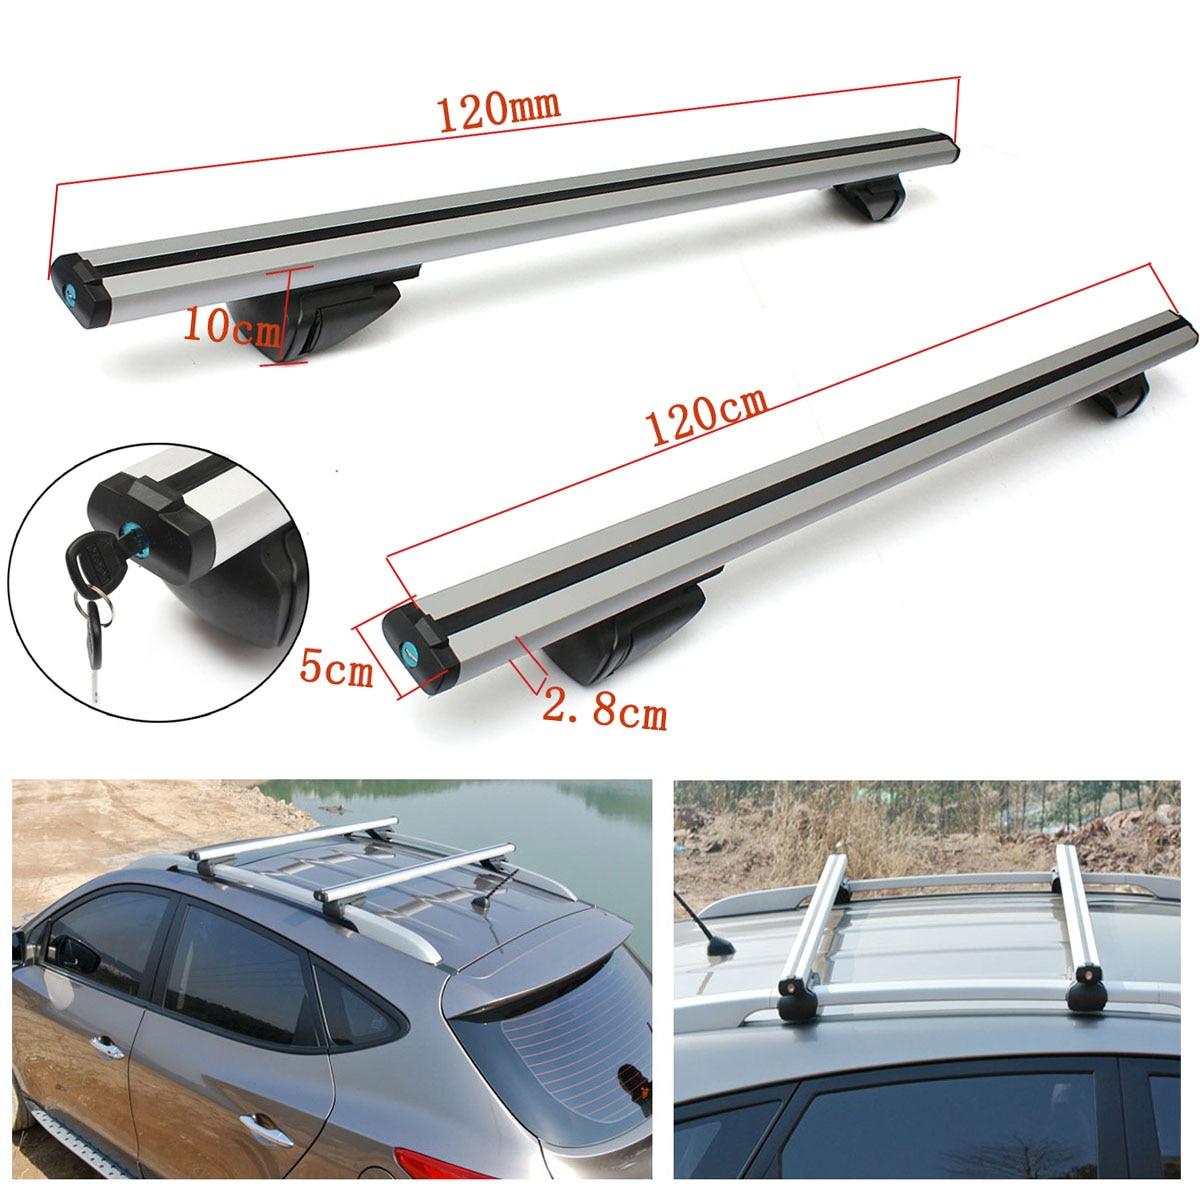 Trava universal para teto de carro, suporte para malas ajustável antifurto com trilho cruzado 120cm